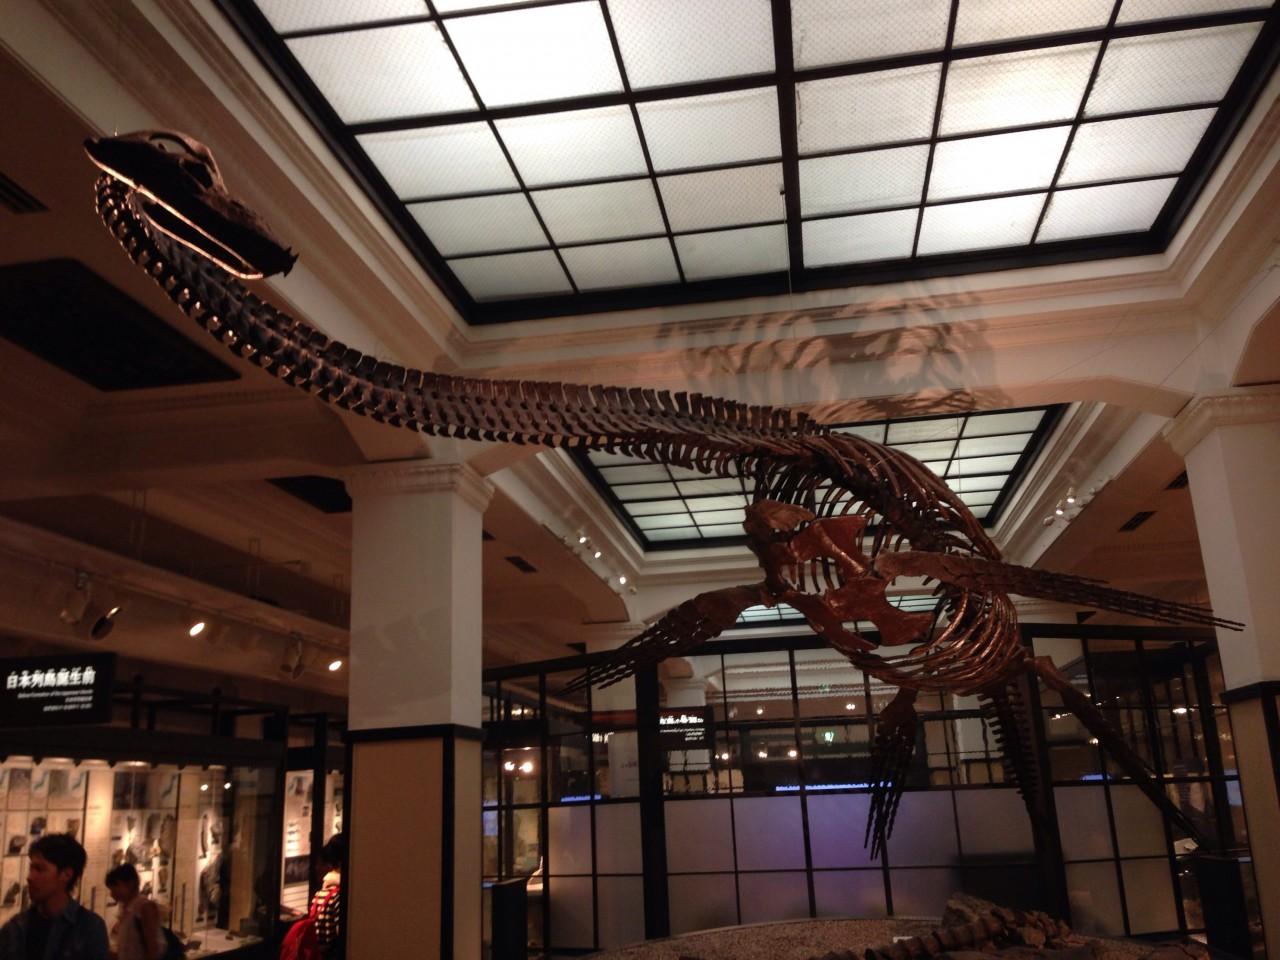 こどもとおでかけ-東京・上野「国立科学博物館」で好奇心を育てよう。自由研究の素材探しにも!